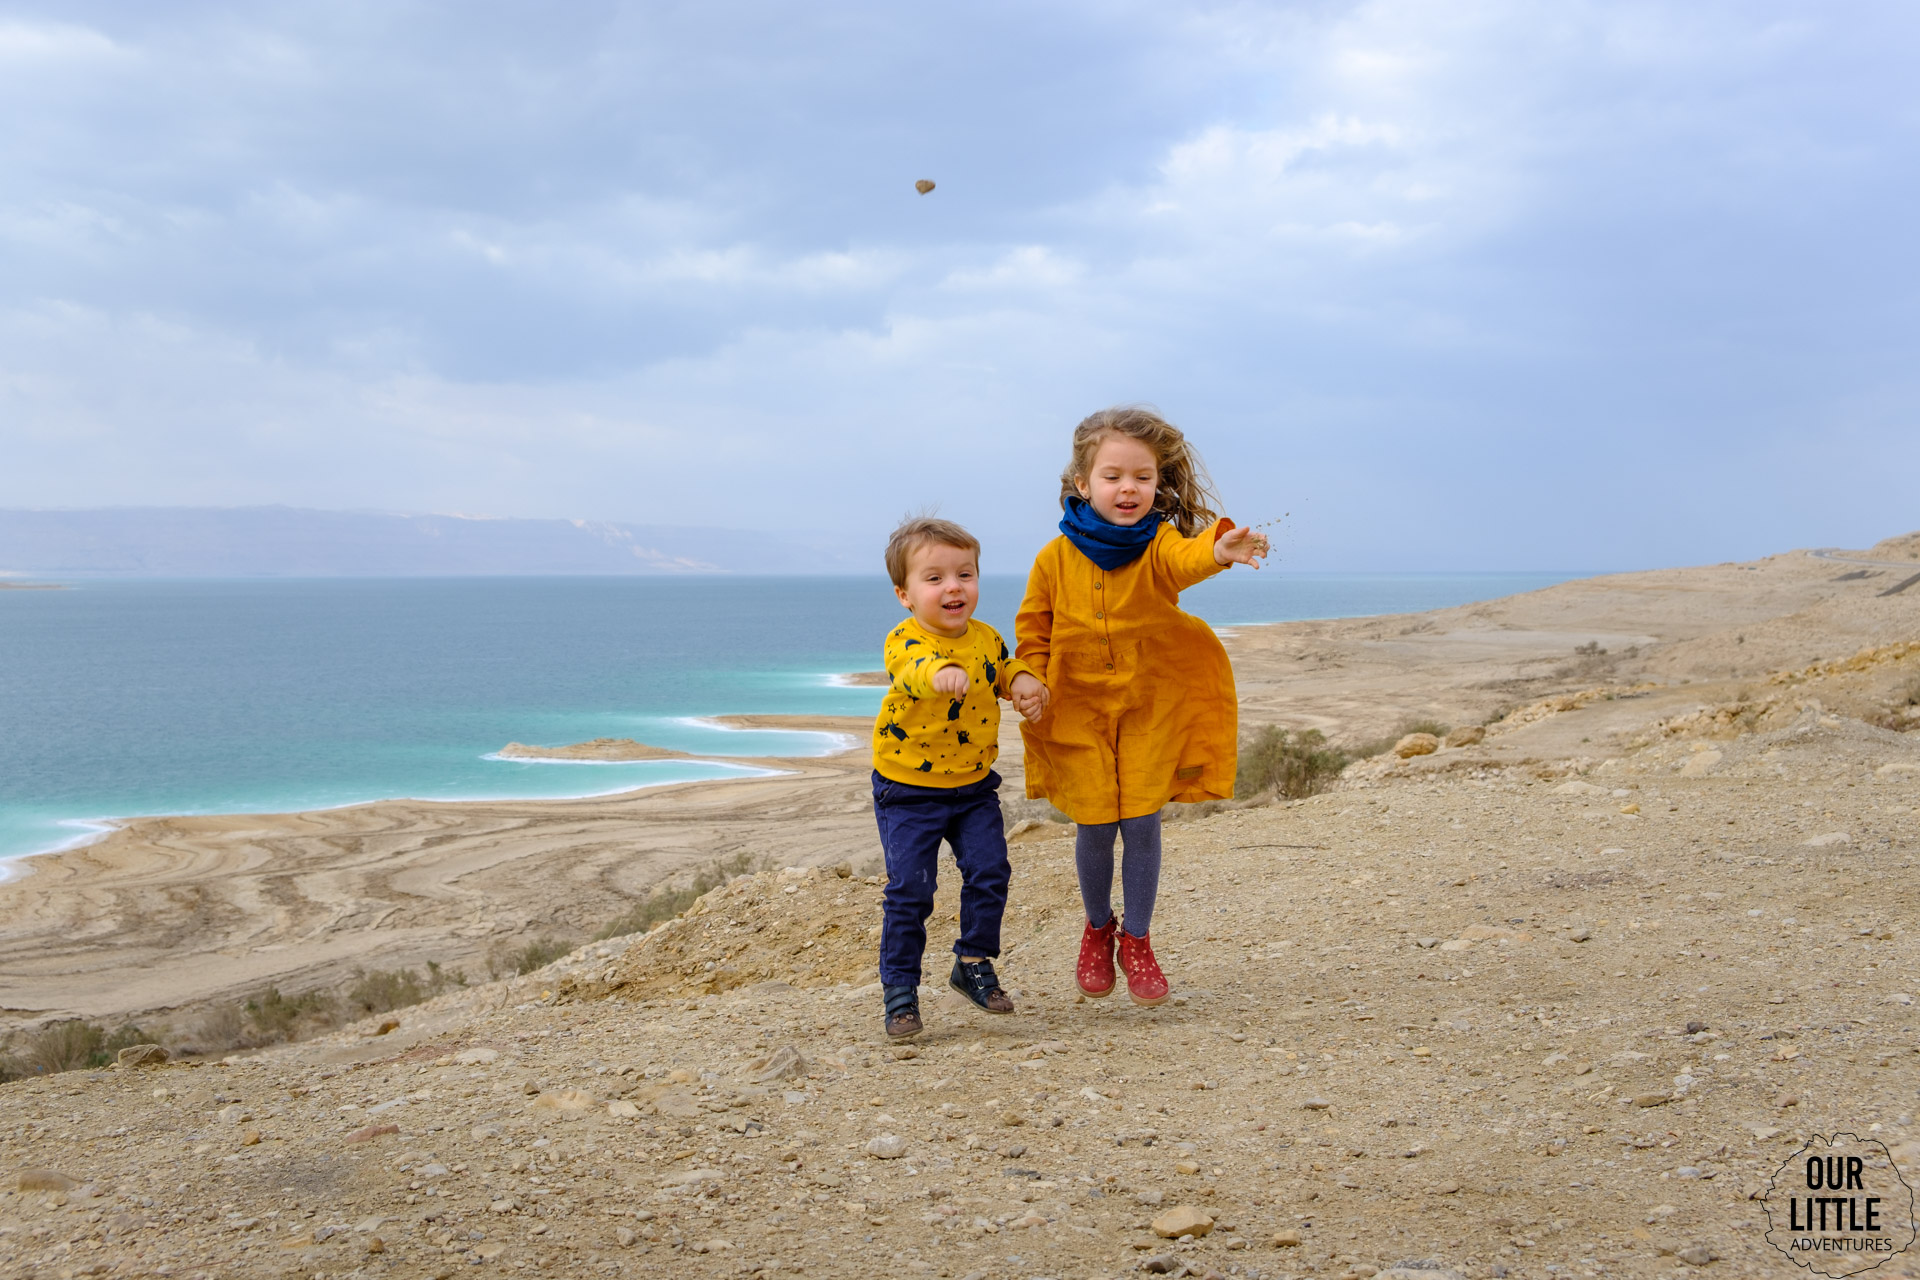 Dzieci rzucają kamieniami ze zbocza Morza Martwego